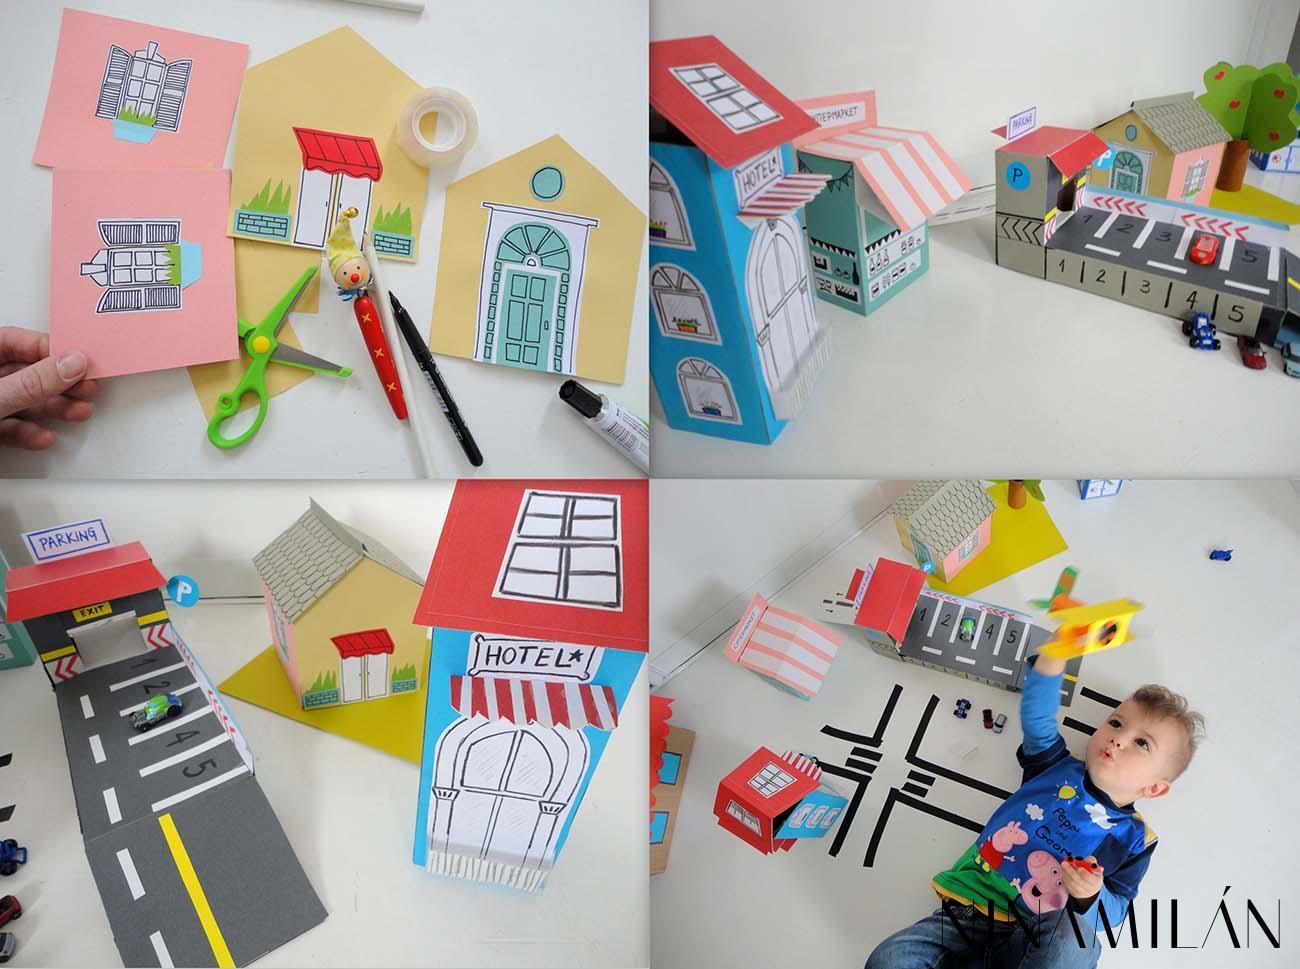 Pocelo je od jedne kartonske kucice a ubrzo se sve pretvorilo u pravi mali grad od kartona